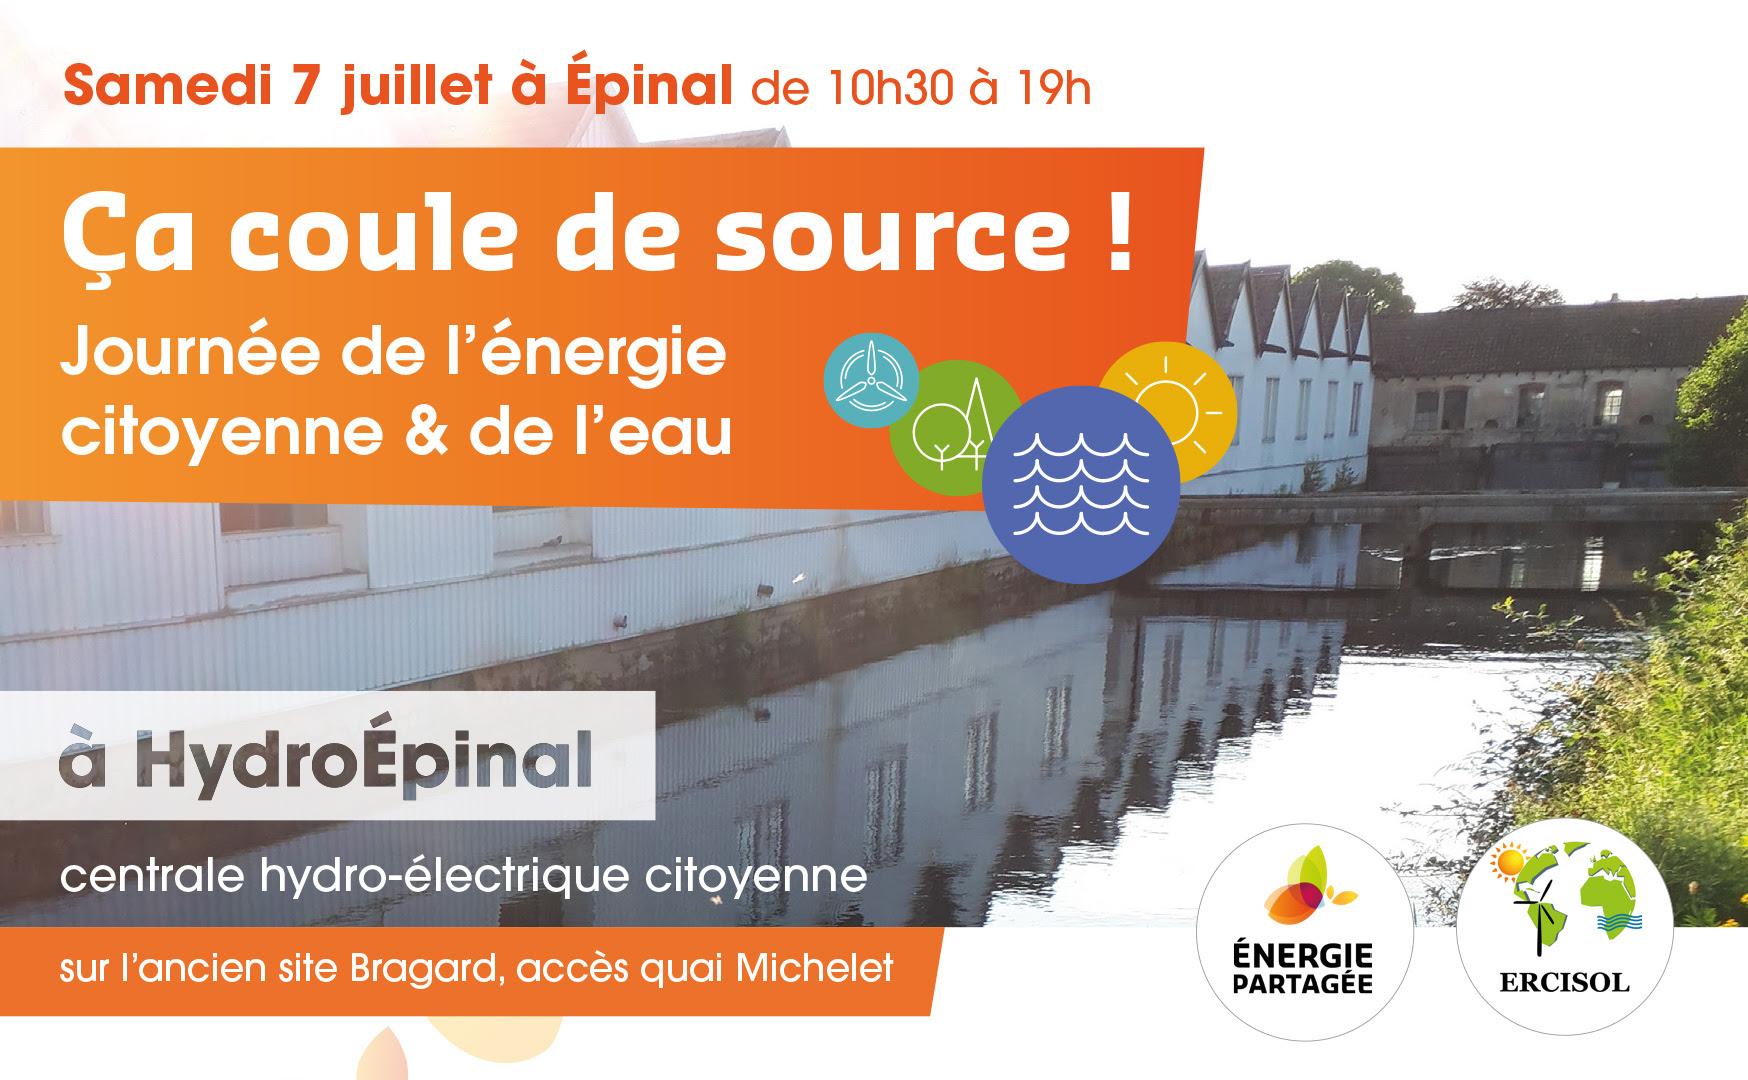 Ça coule de source - Journée de l'eau et de l'énergie citoyenne - de 10h30 à 19h à HydroÉpinal